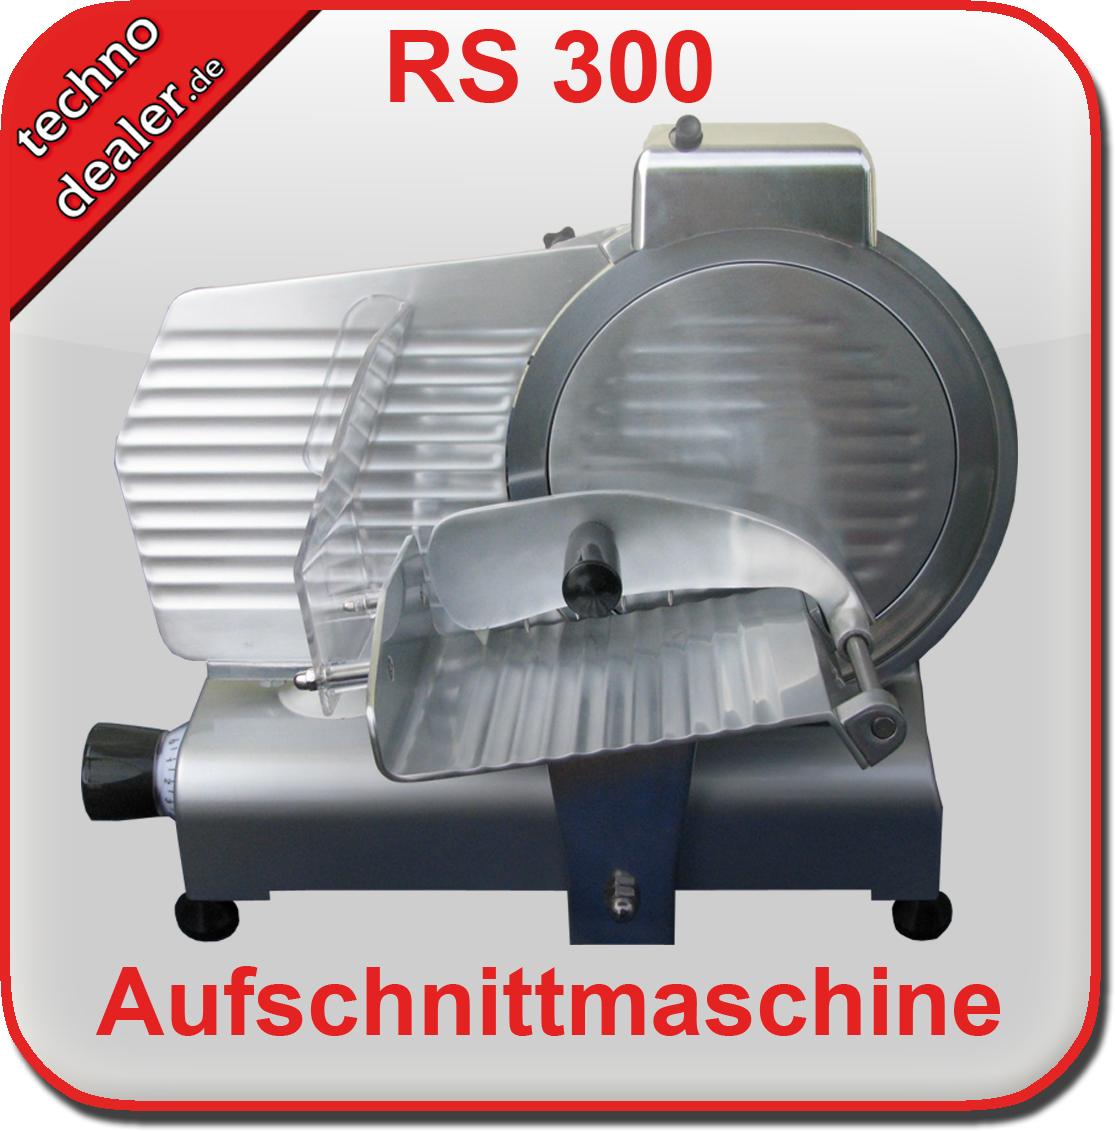 Aufschnittmaschine RS 300